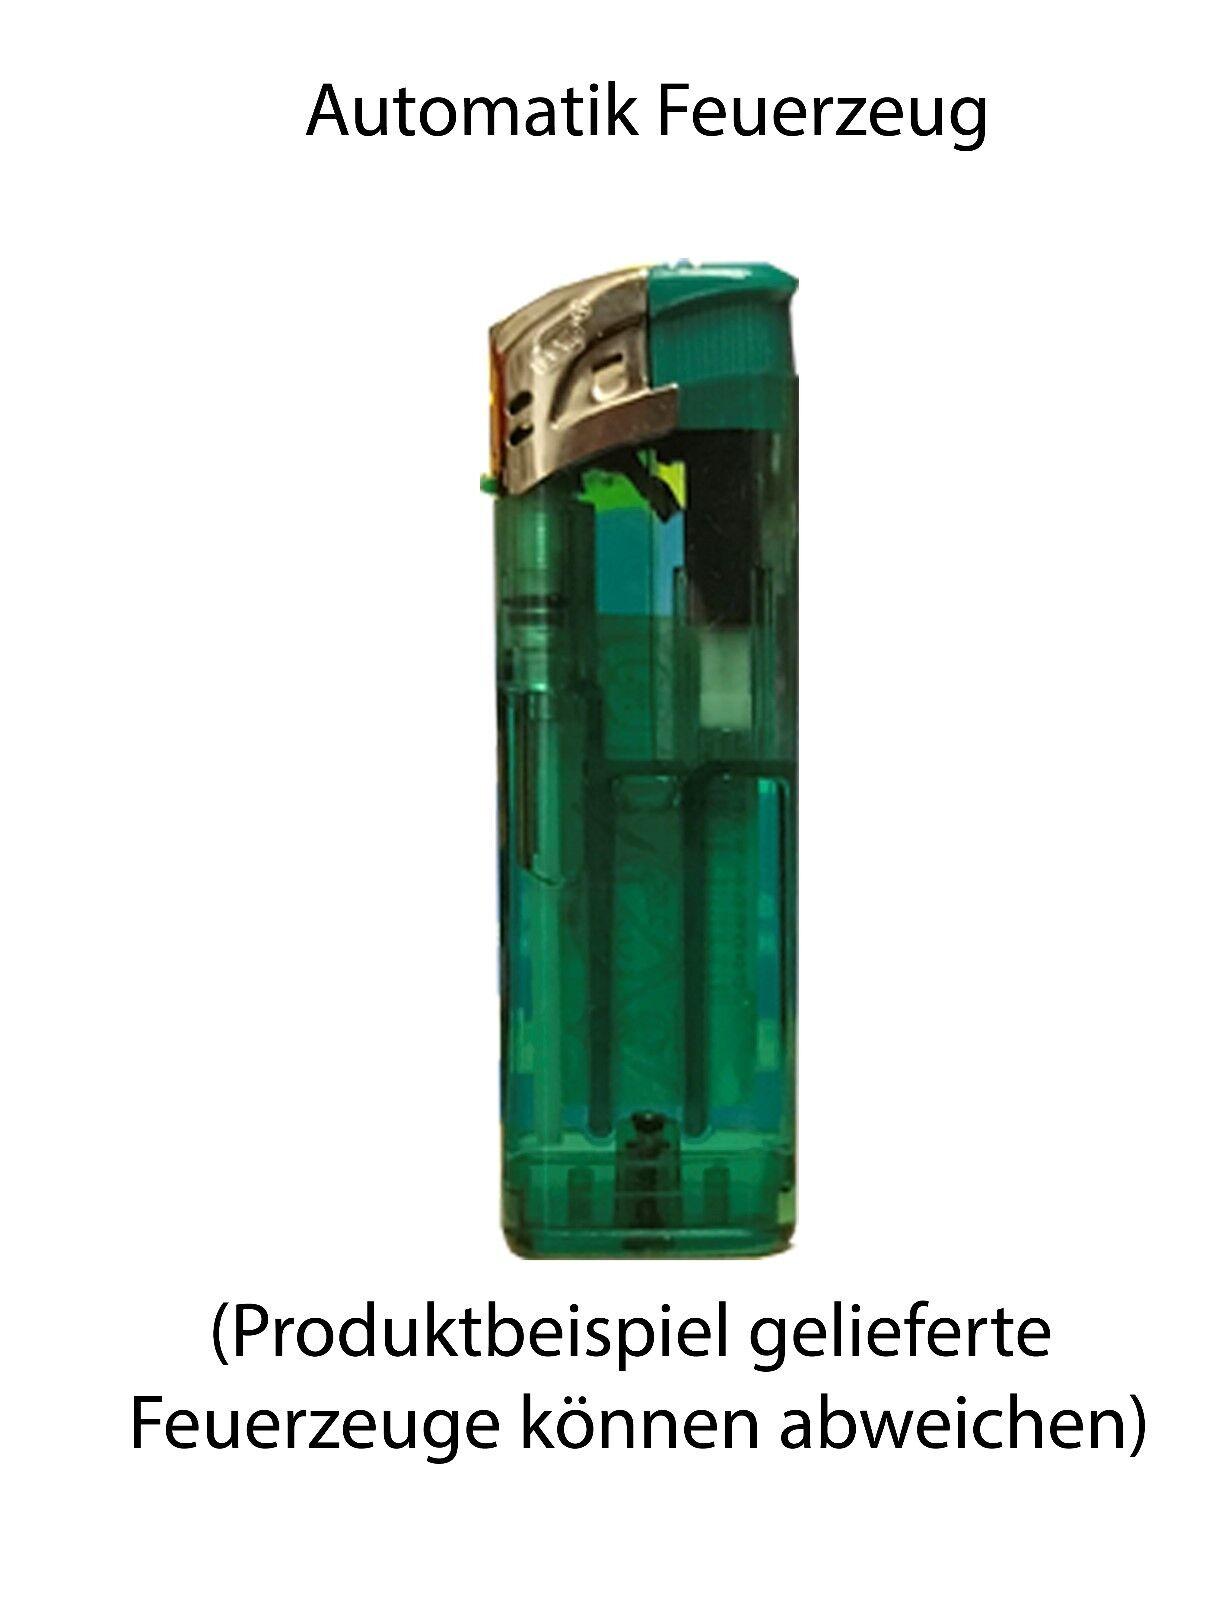 4 x Fairwind 170g Tabak/Volumentabak Beutel, 2.000 Hülsen, Feuerzeuge, Zubehör